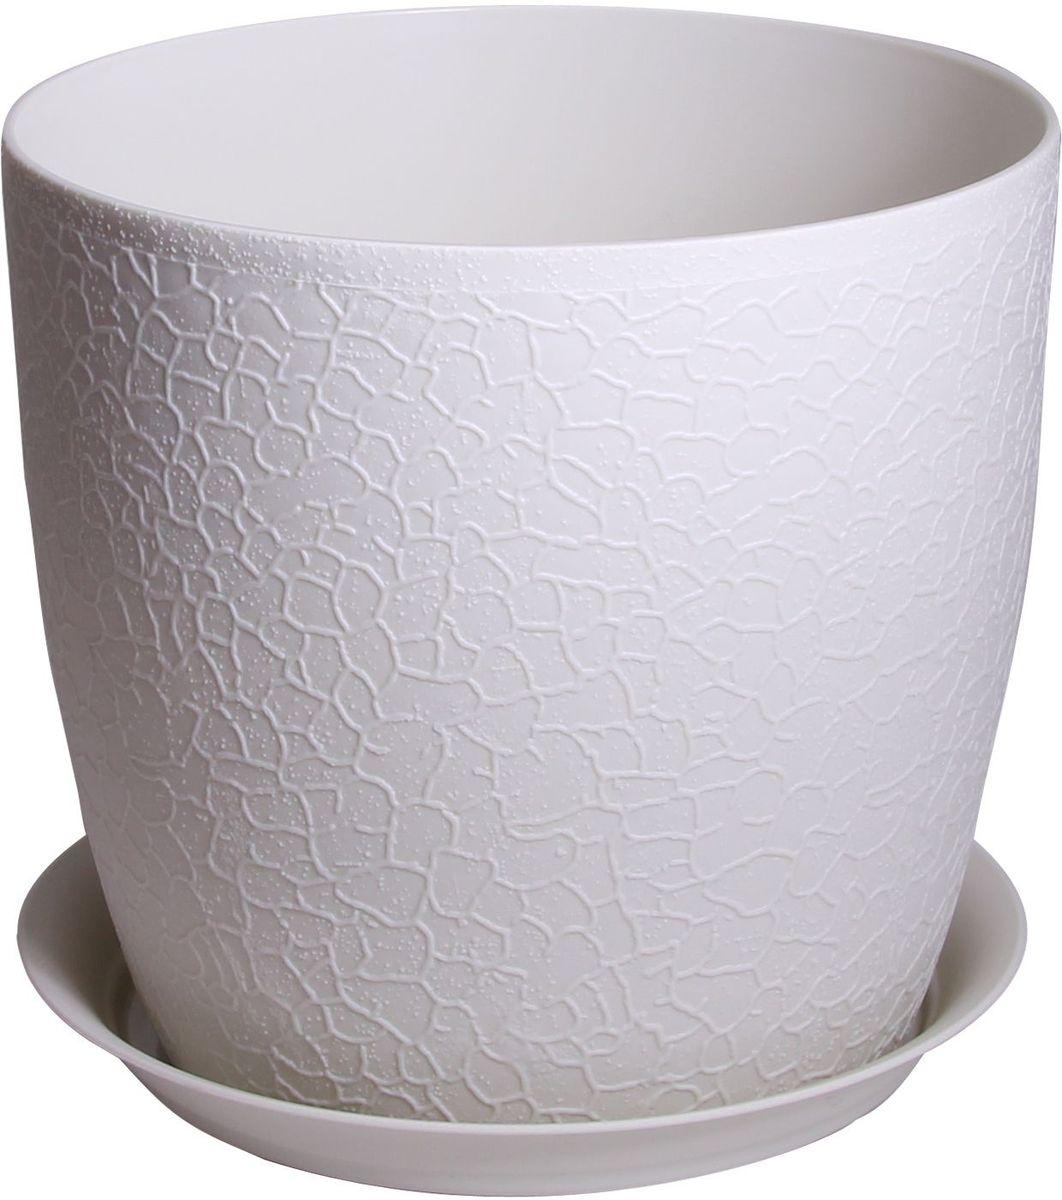 Кашпо Idea Верона, с подставкой, цвет: белый, диаметр 18 см531-109Кашпо Idea Верона изготовлено из полипропилена (пластика). Специальная подставка предназначена для стока воды. Изделие прекрасно подходит для выращивания растений и цветов в домашних условиях.Диаметр кашпо: 18 см.Высота кашпо: 16,1 см.